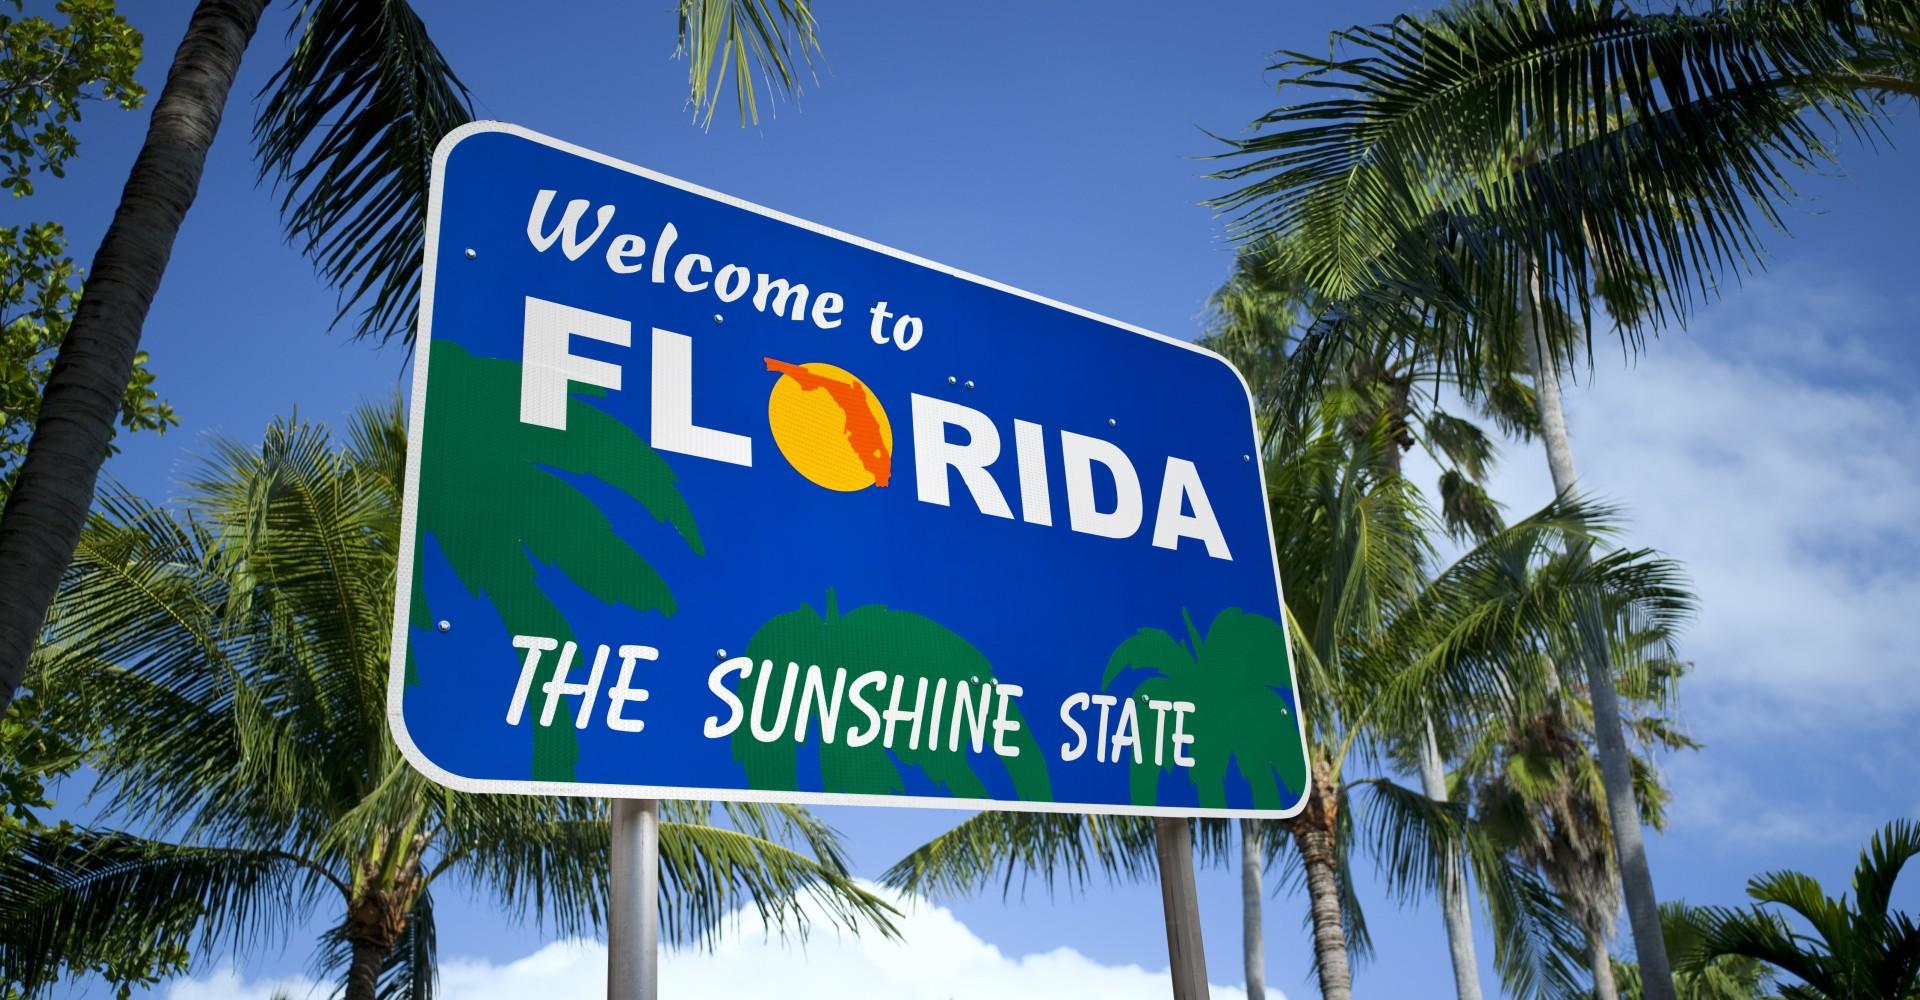 FLORIDA DOVE VIVERE, LAVORARE E COSTRUIRSI UNA NUOVA VITA